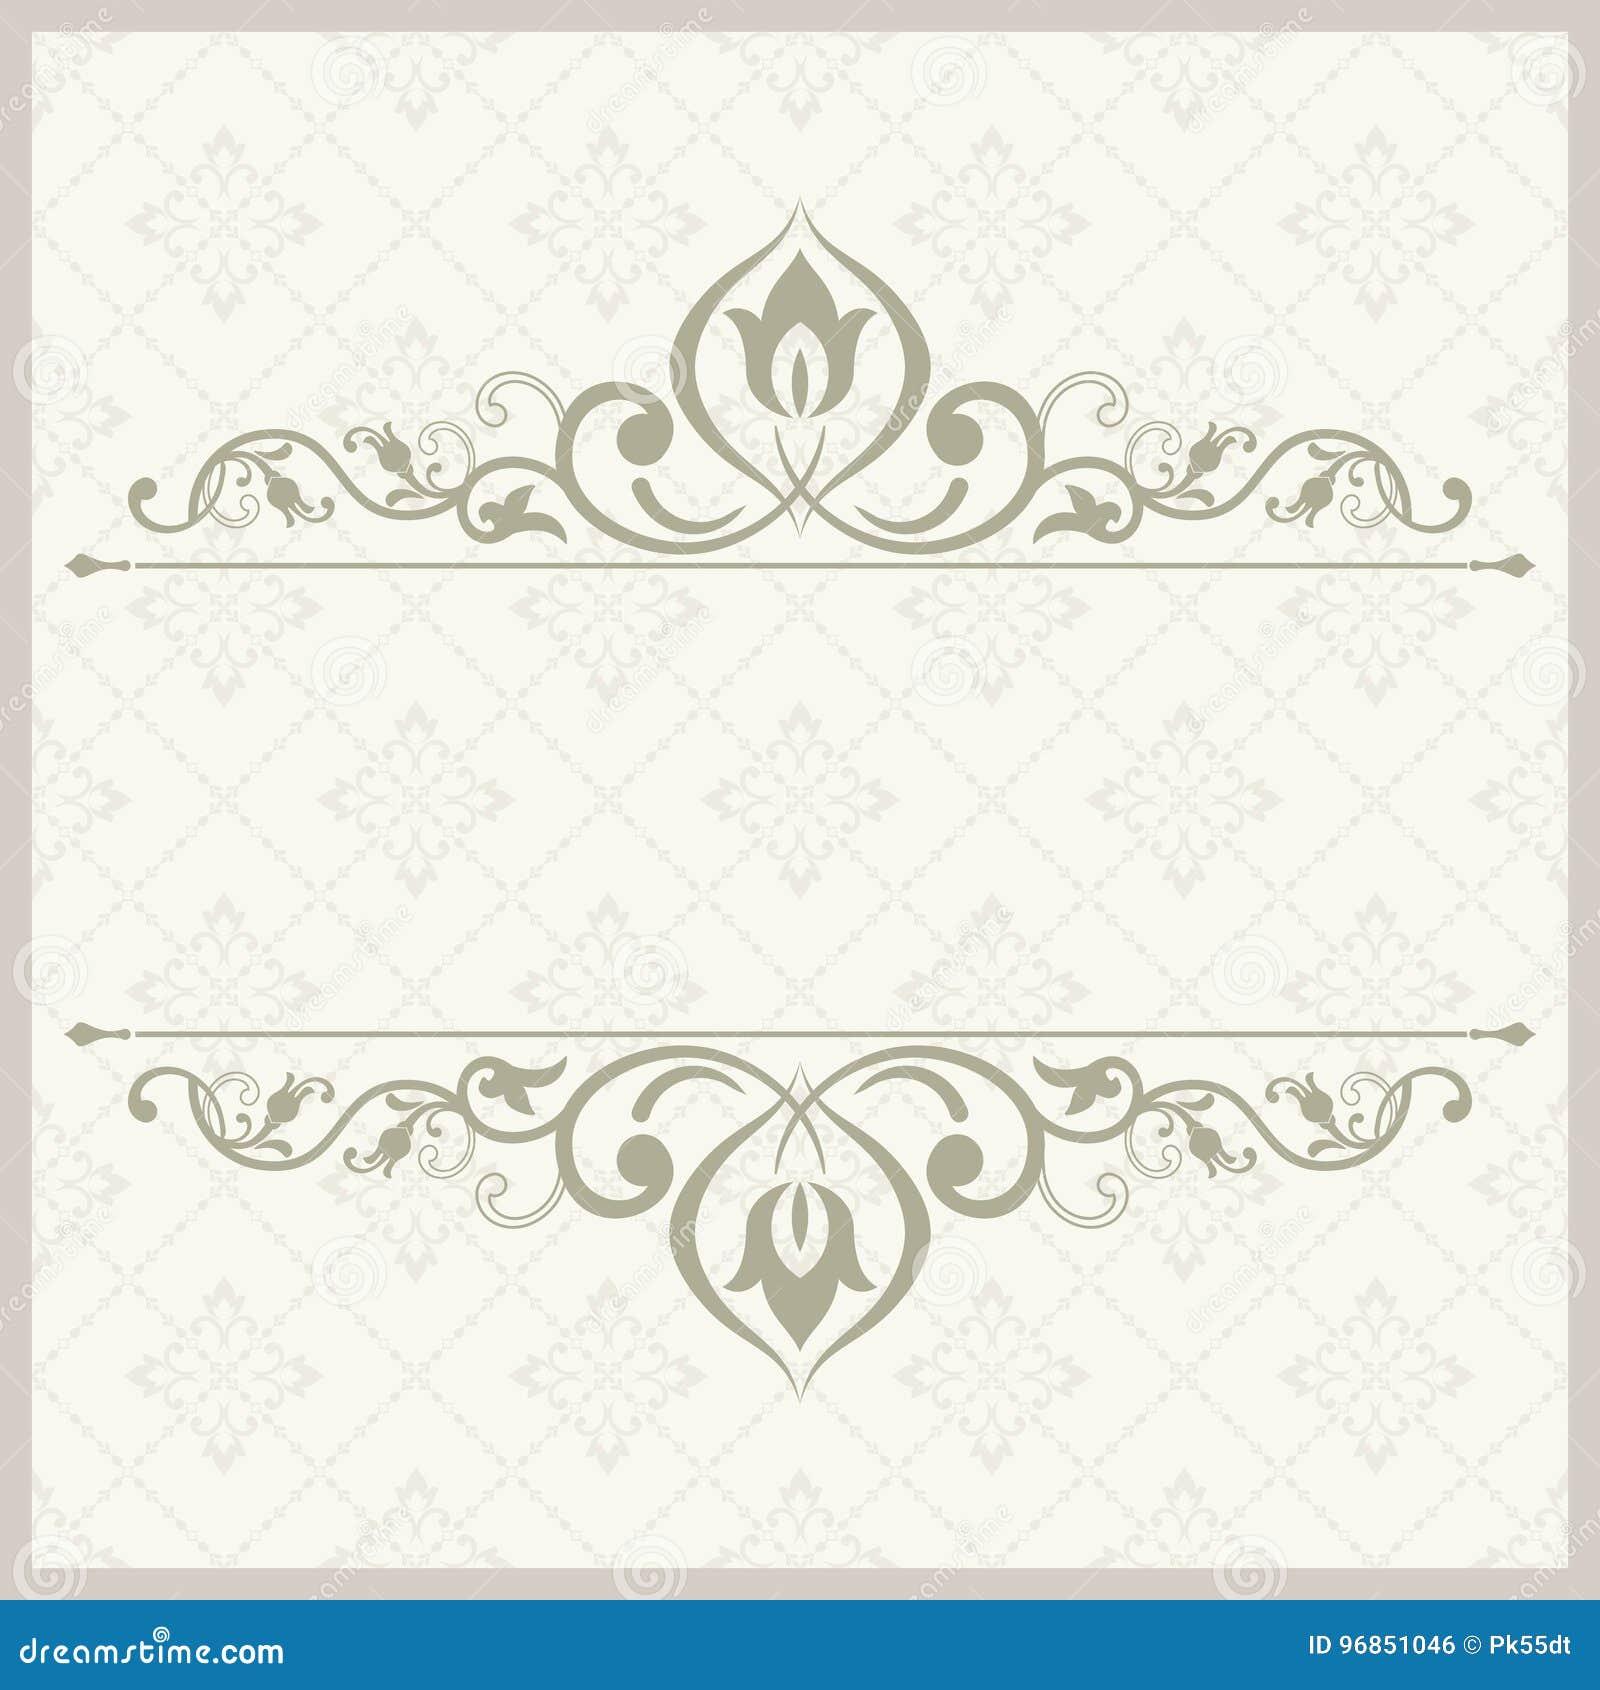 Dekorative Schablone Der Weinlese Mit Muster Und Dekorativem Rahmen